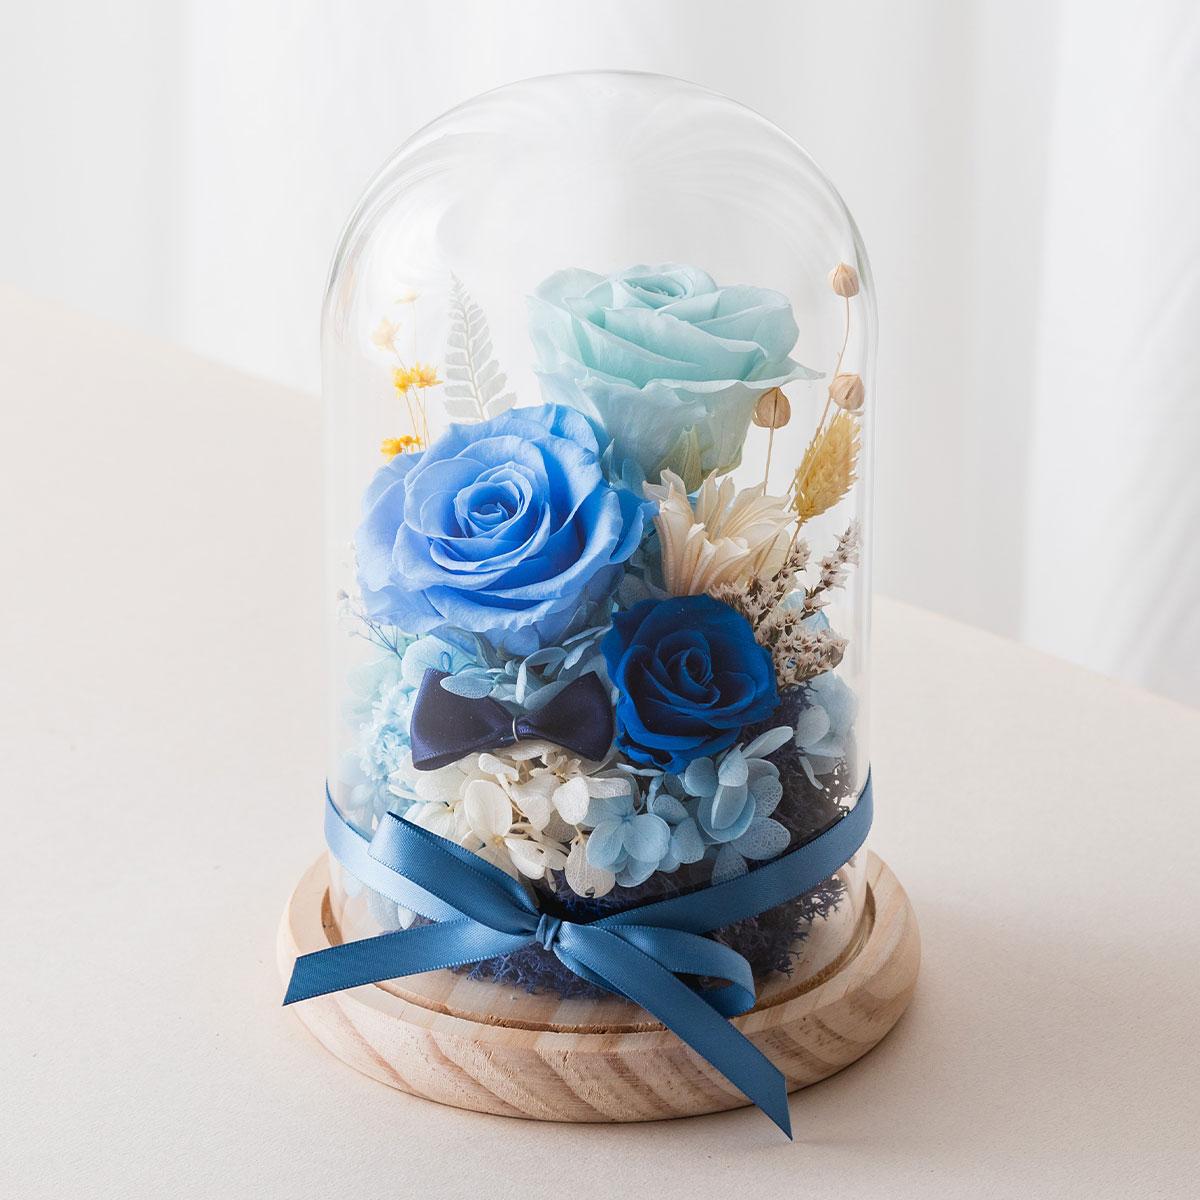 永生花玻璃罩,藍色開幕盆栽推薦,喜歡生活乾燥花店